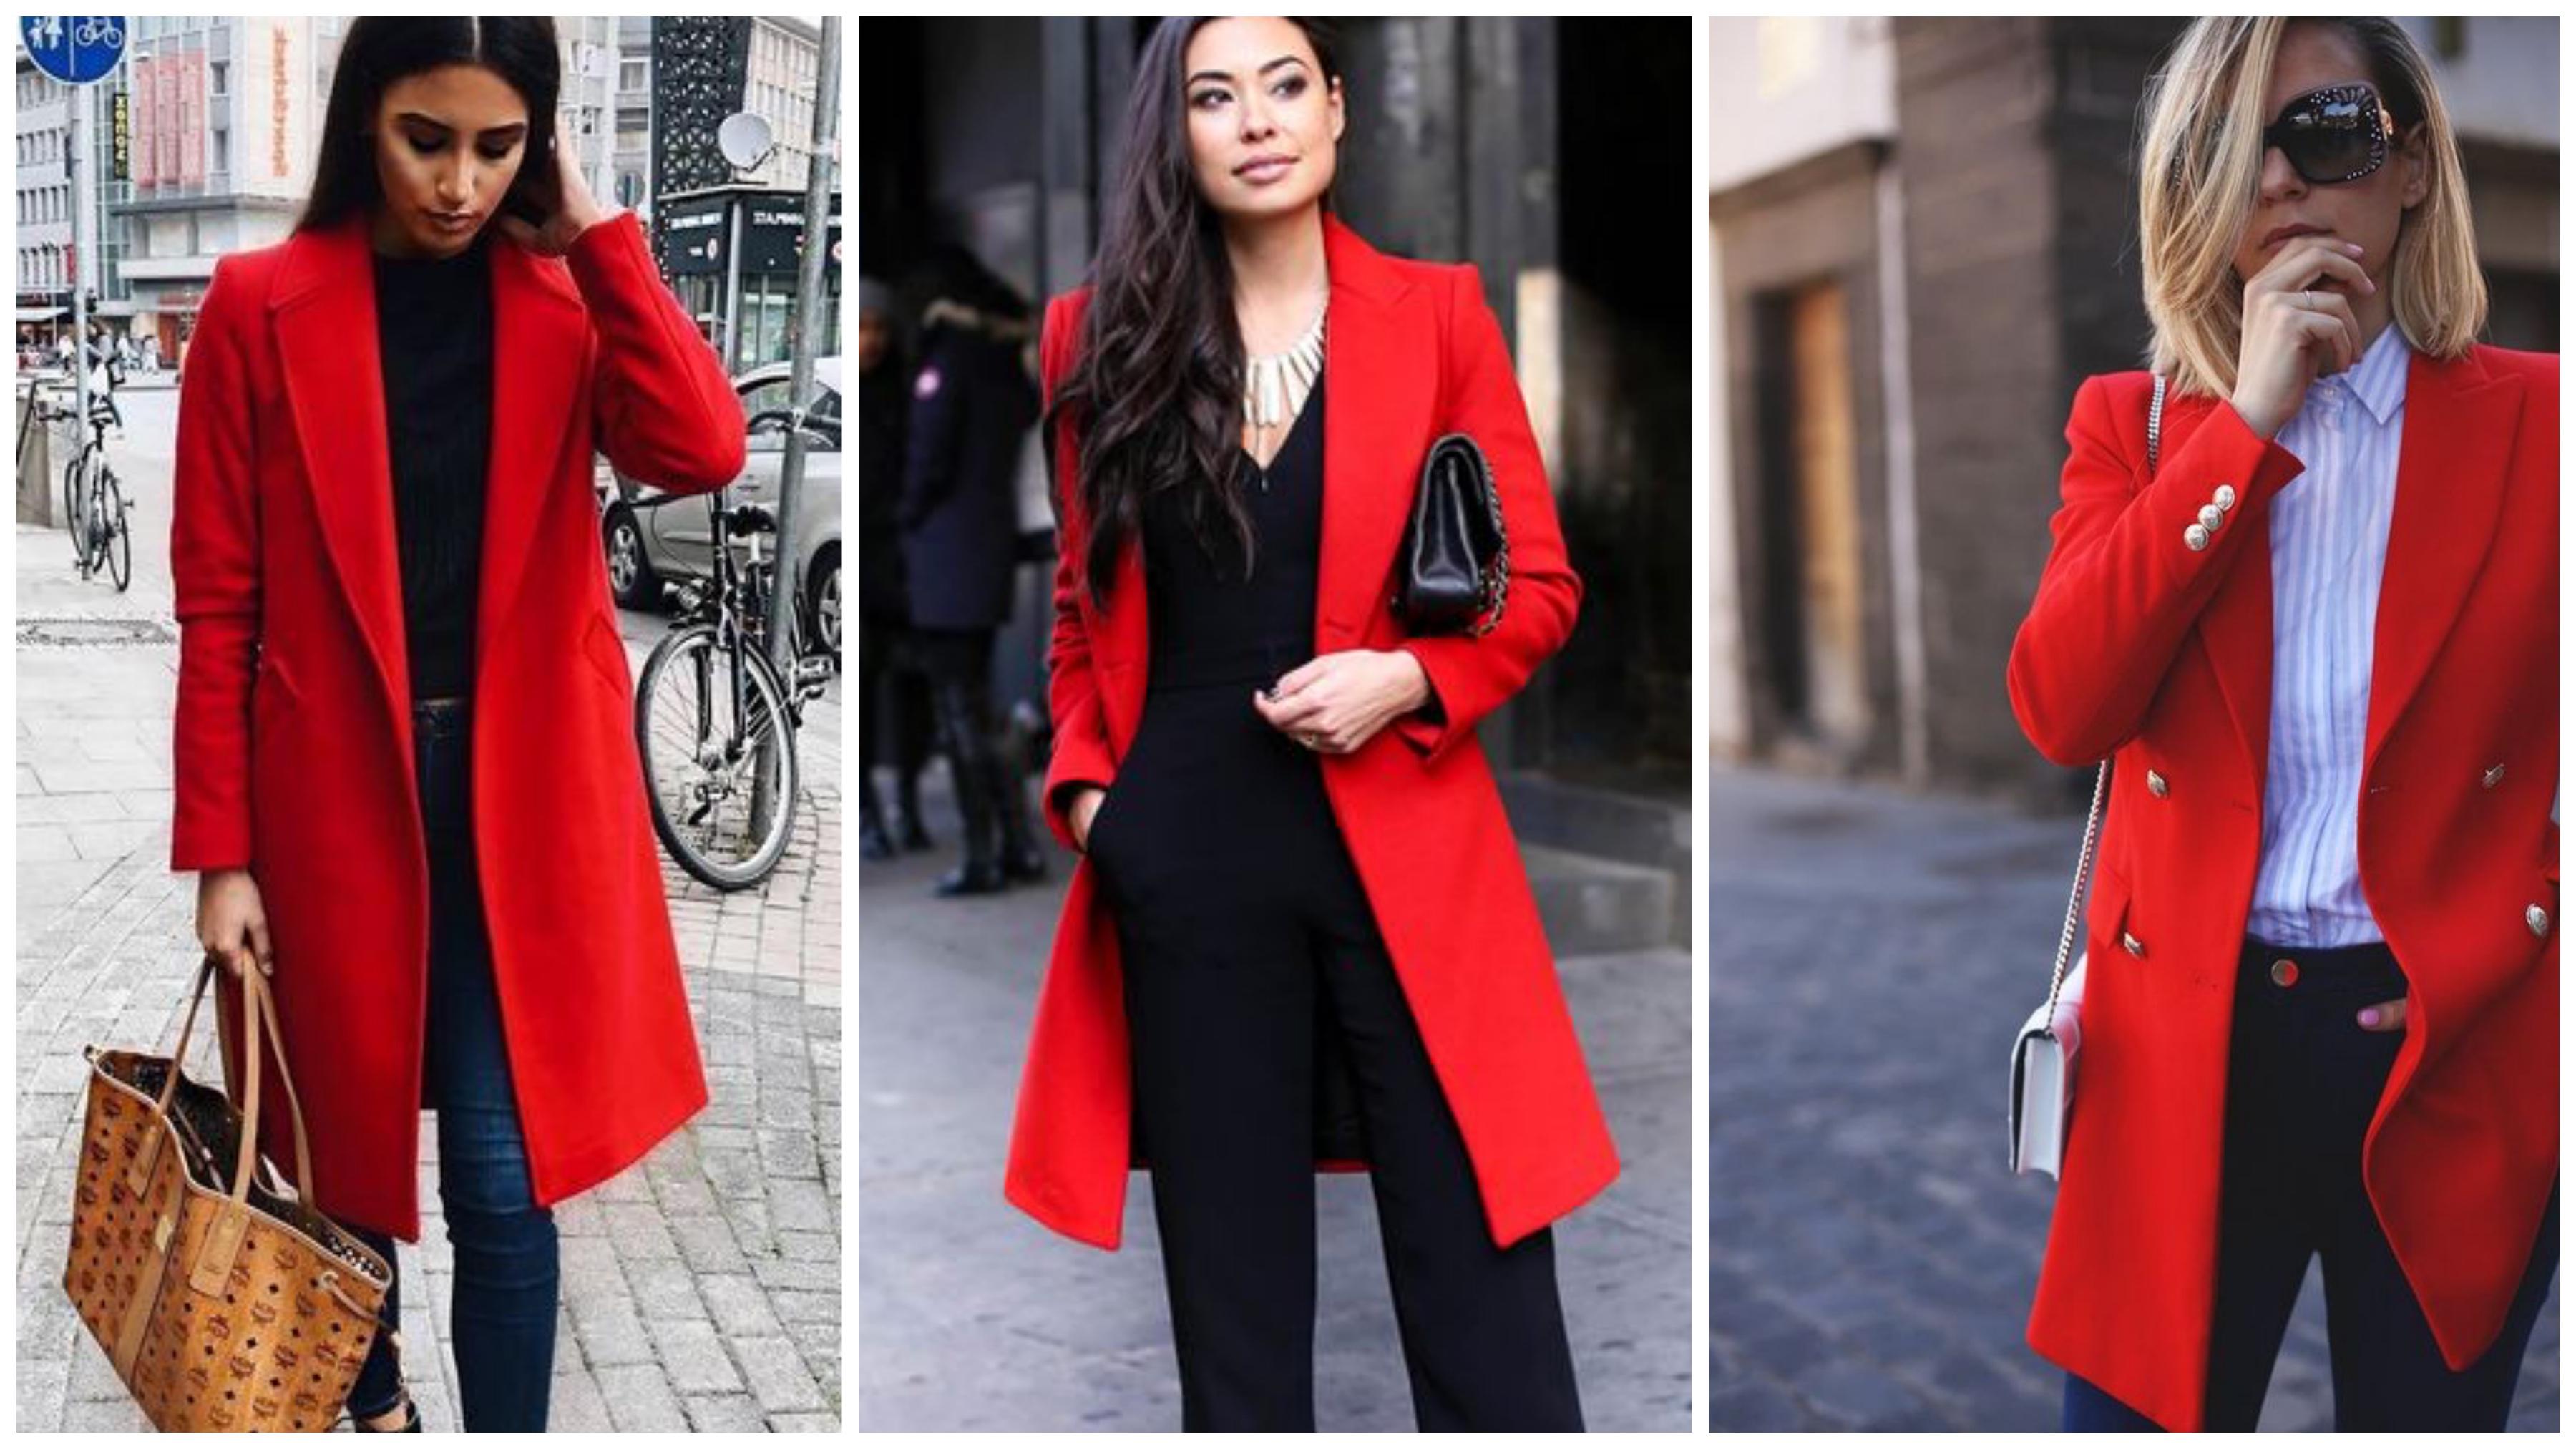 91288e07f42 Удлиненный женский пиджак (83 фото) - Just clothes